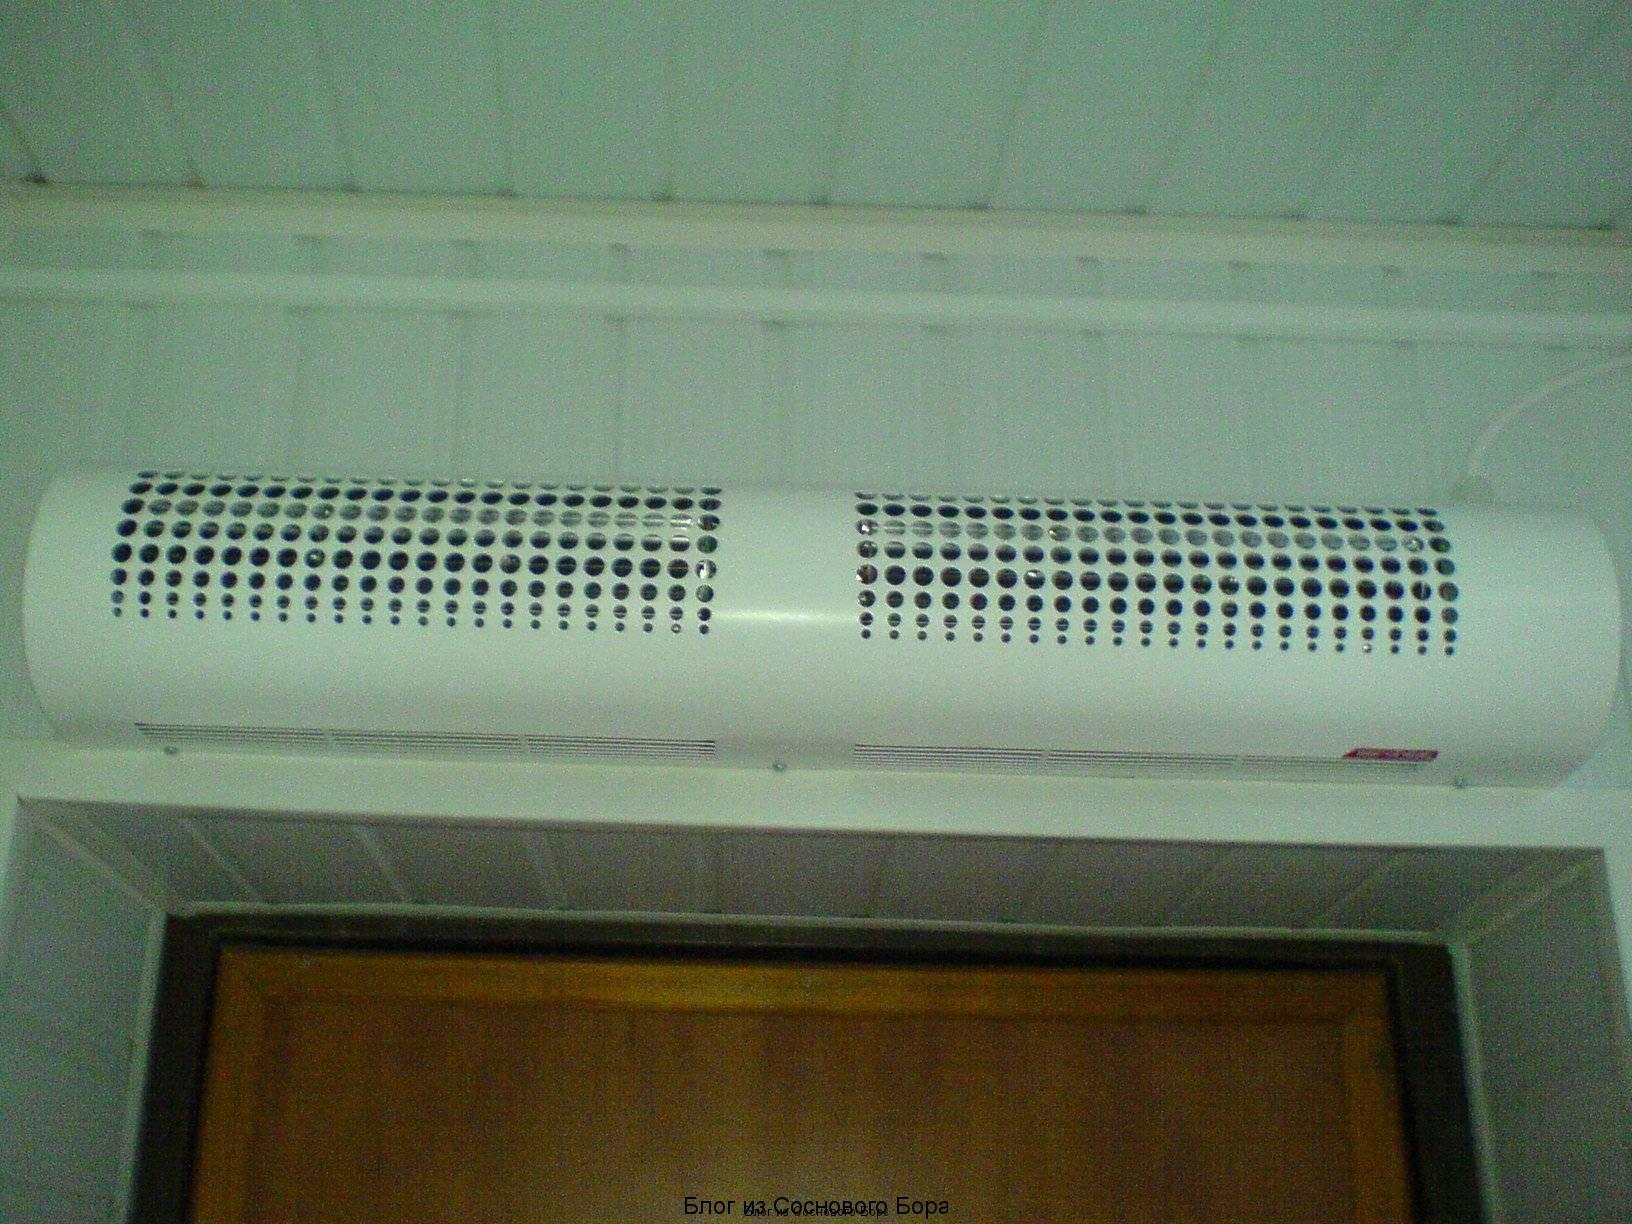 Тепловая завеса на входную дверь: как правильно выбрать, отзывы